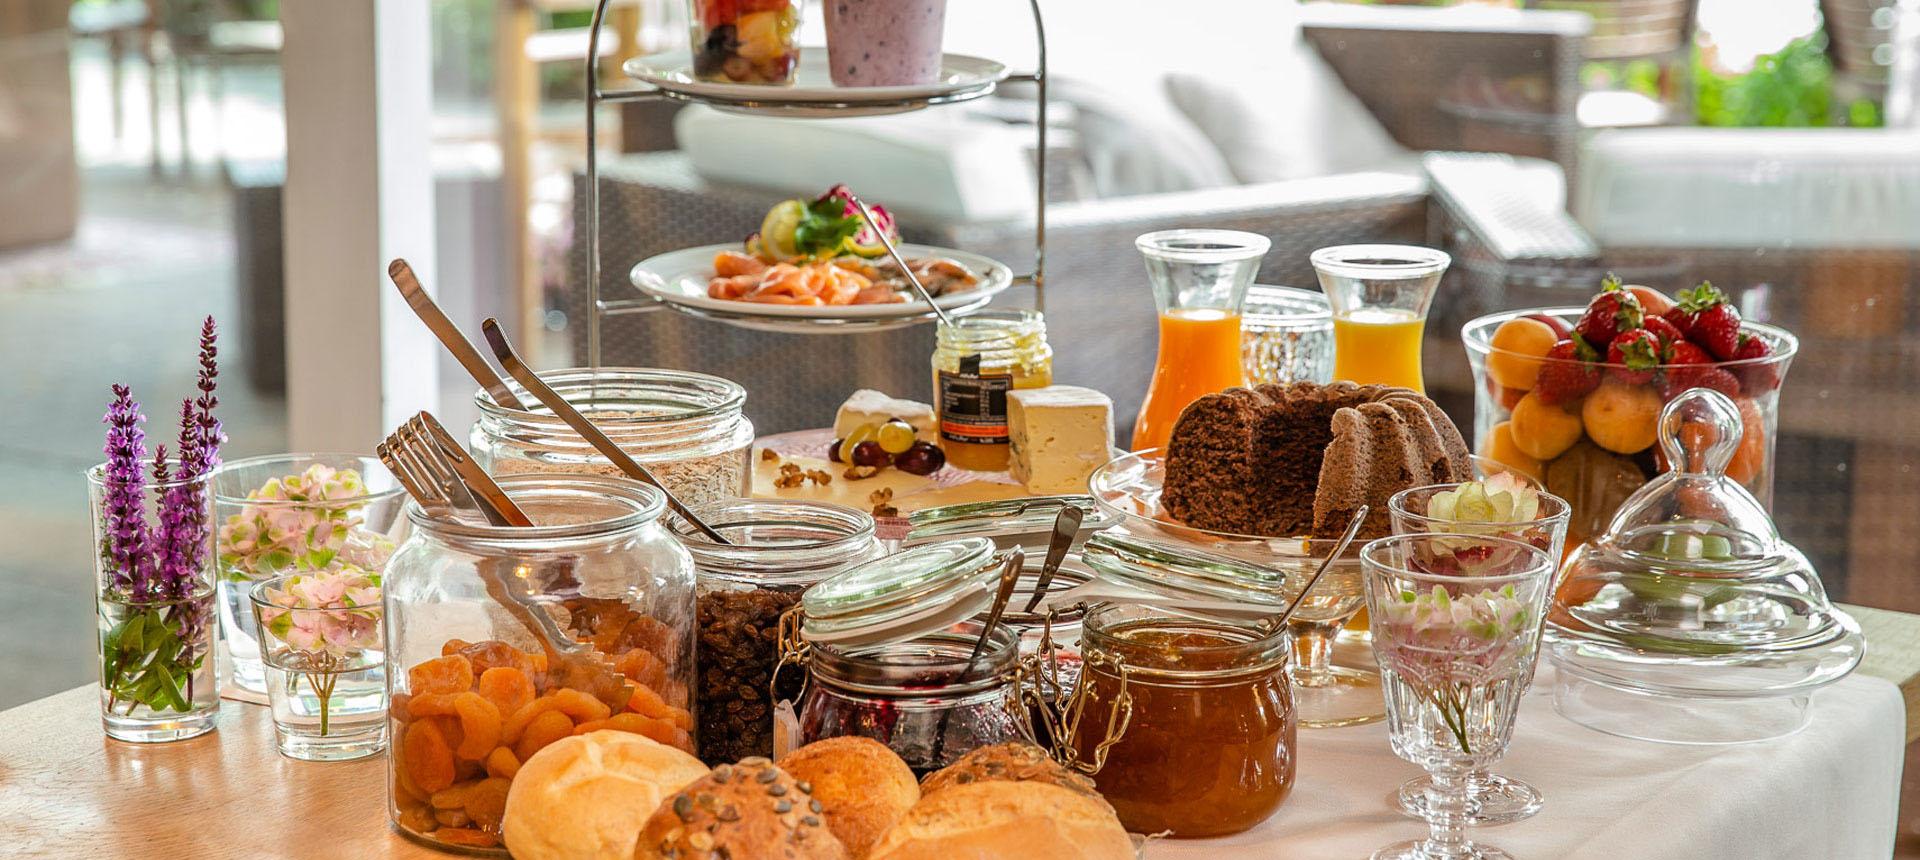 Mit unserem Vital-Buffet schaffen Sie sich die hervorragende Grundlage für den Tag!